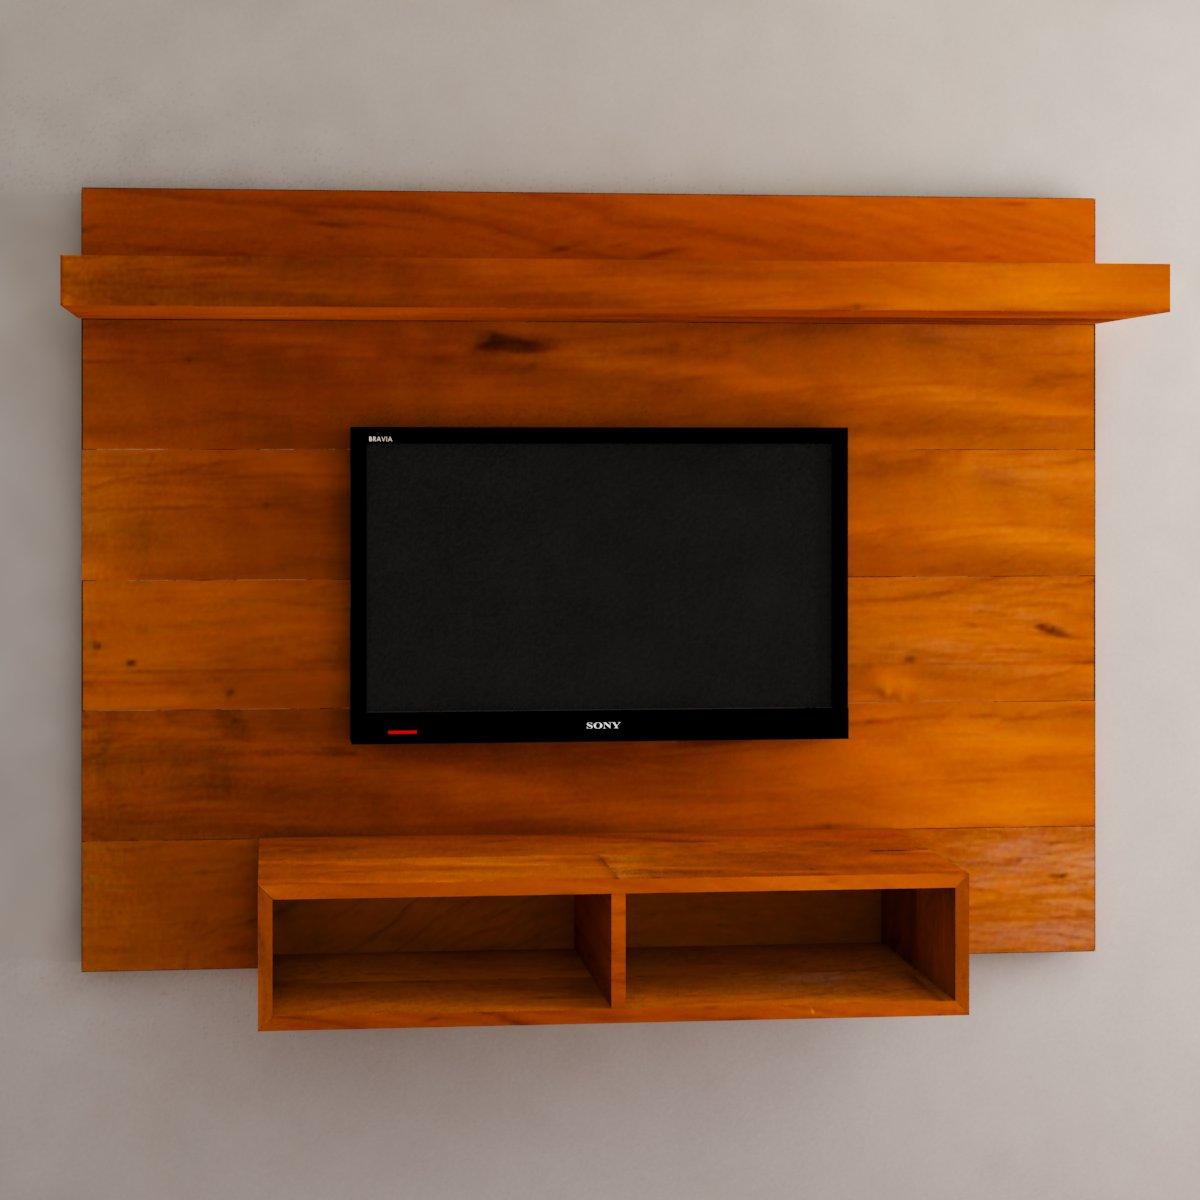 Painel Para TV Com Nicho E Prateleira Em Madeira De Demolição Medindo 1,60 x 1,20